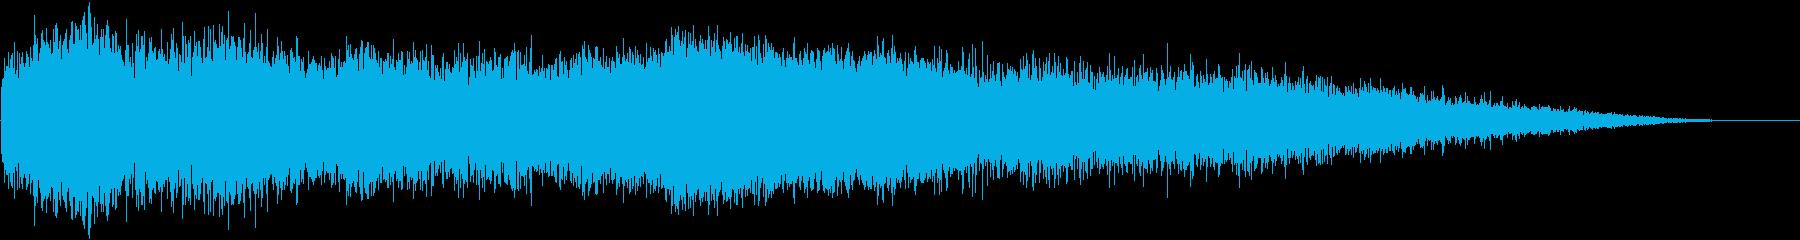 【ホラー】【シンバル】ドゴーンッッッの再生済みの波形